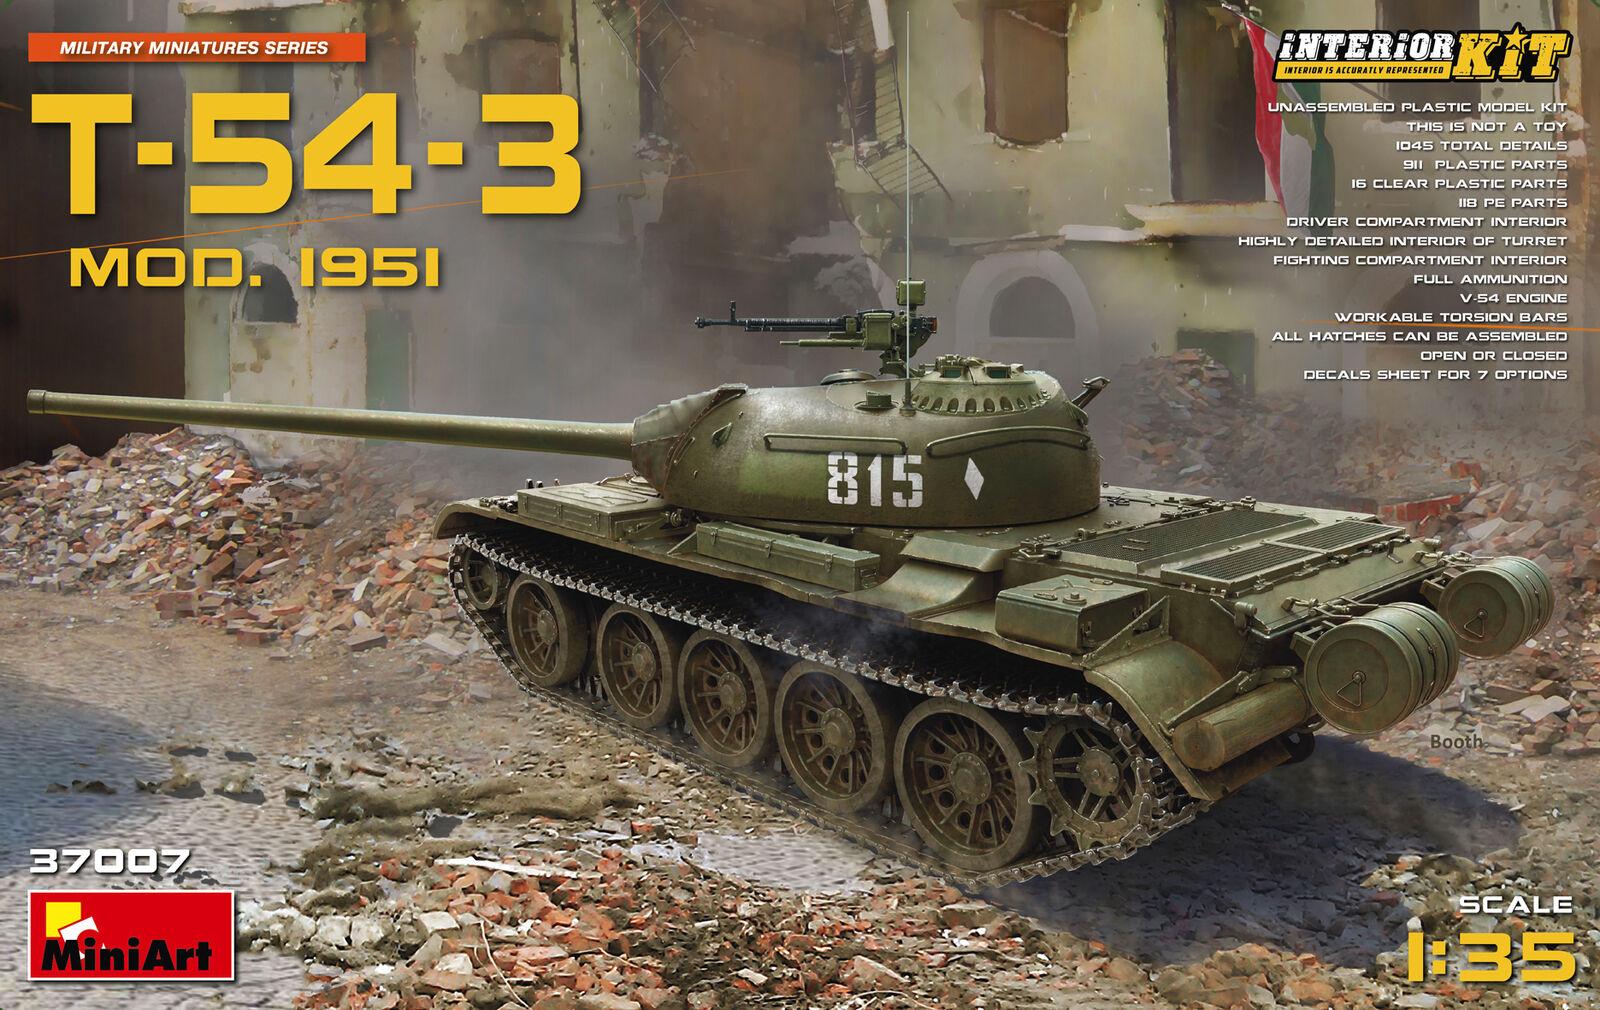 Miniart 1 35 T-54-3 Mod. 1951 w  Interior